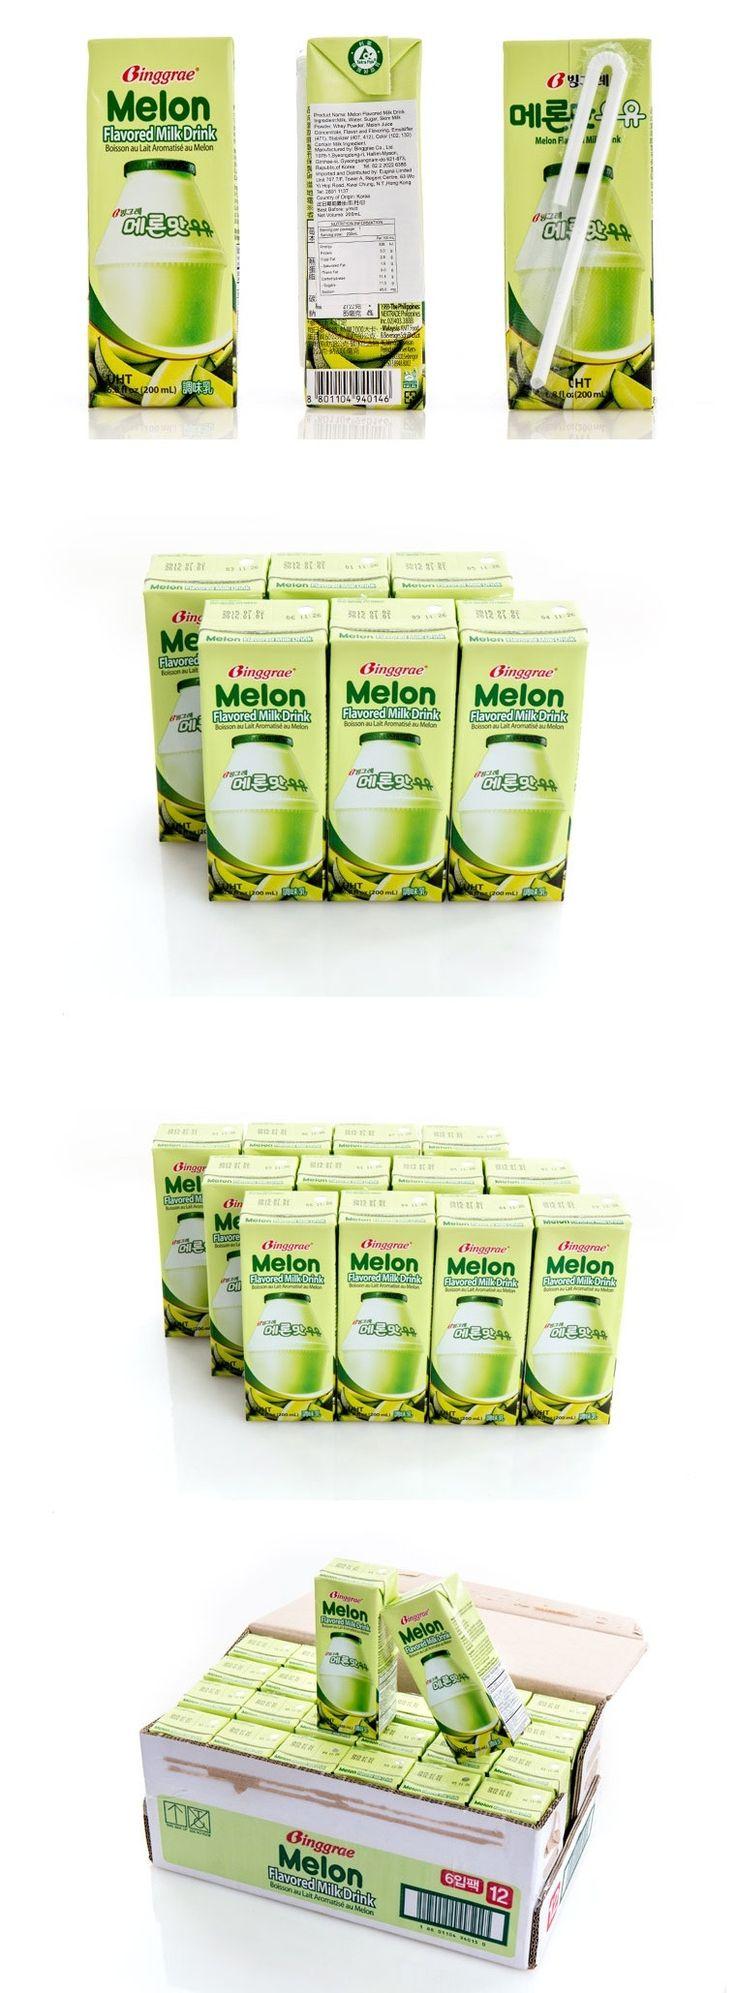 低至$5.9一盒韓國Binggrae香蕉牛奶 /士多啤梨牛奶/蜜瓜牛奶!韓國國民飲品!   Food